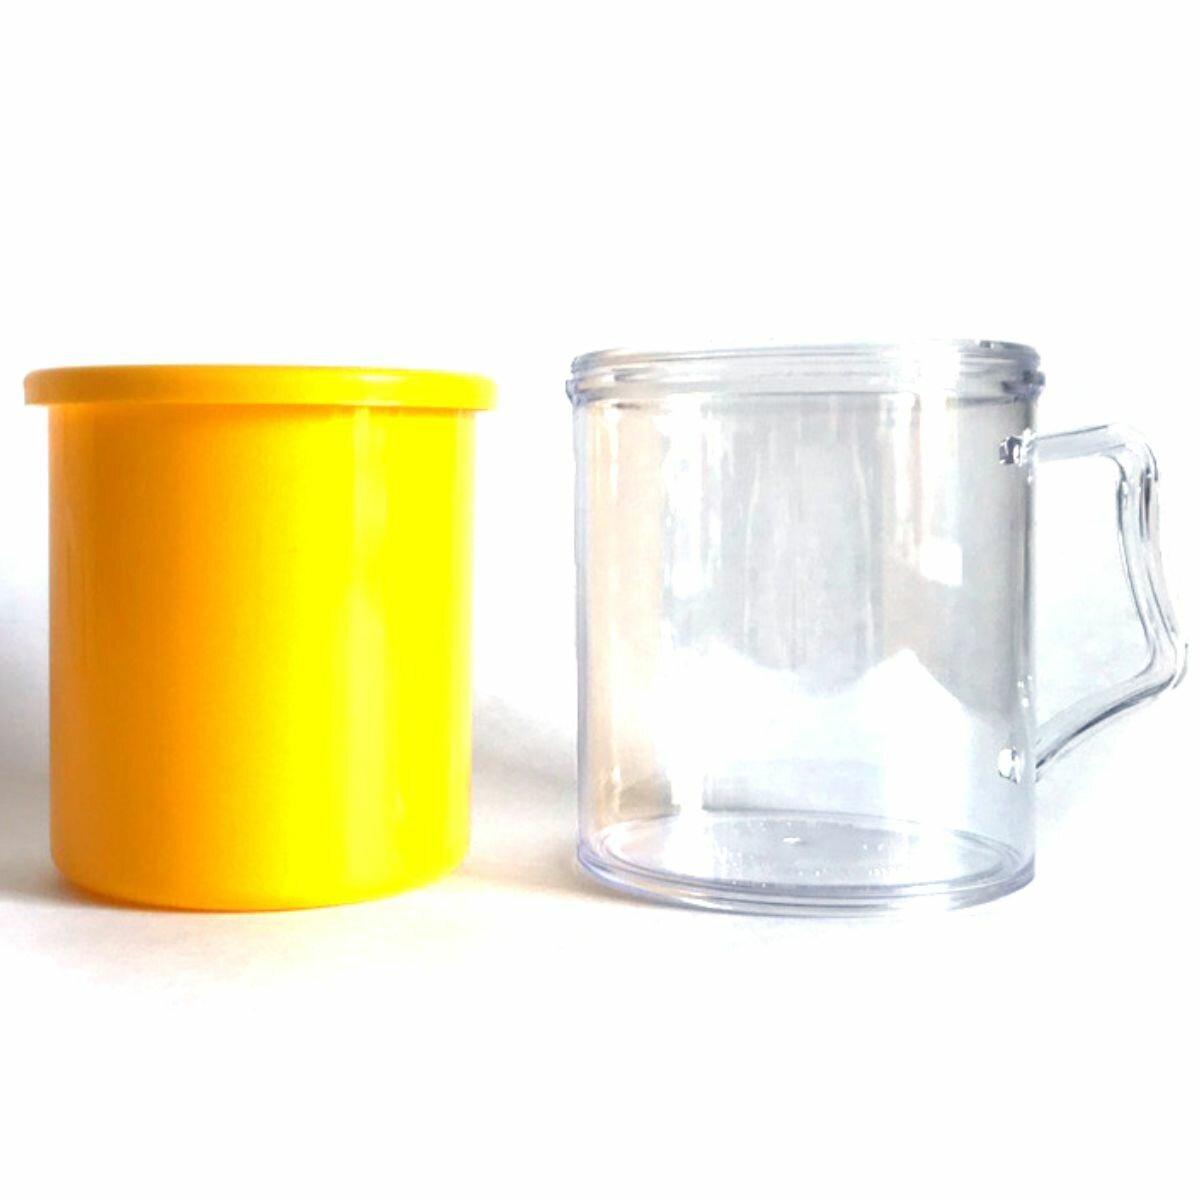 Заготовки пластиковых кружек под полиграфическую вставку АК2 (Желтый, 40 шт.)